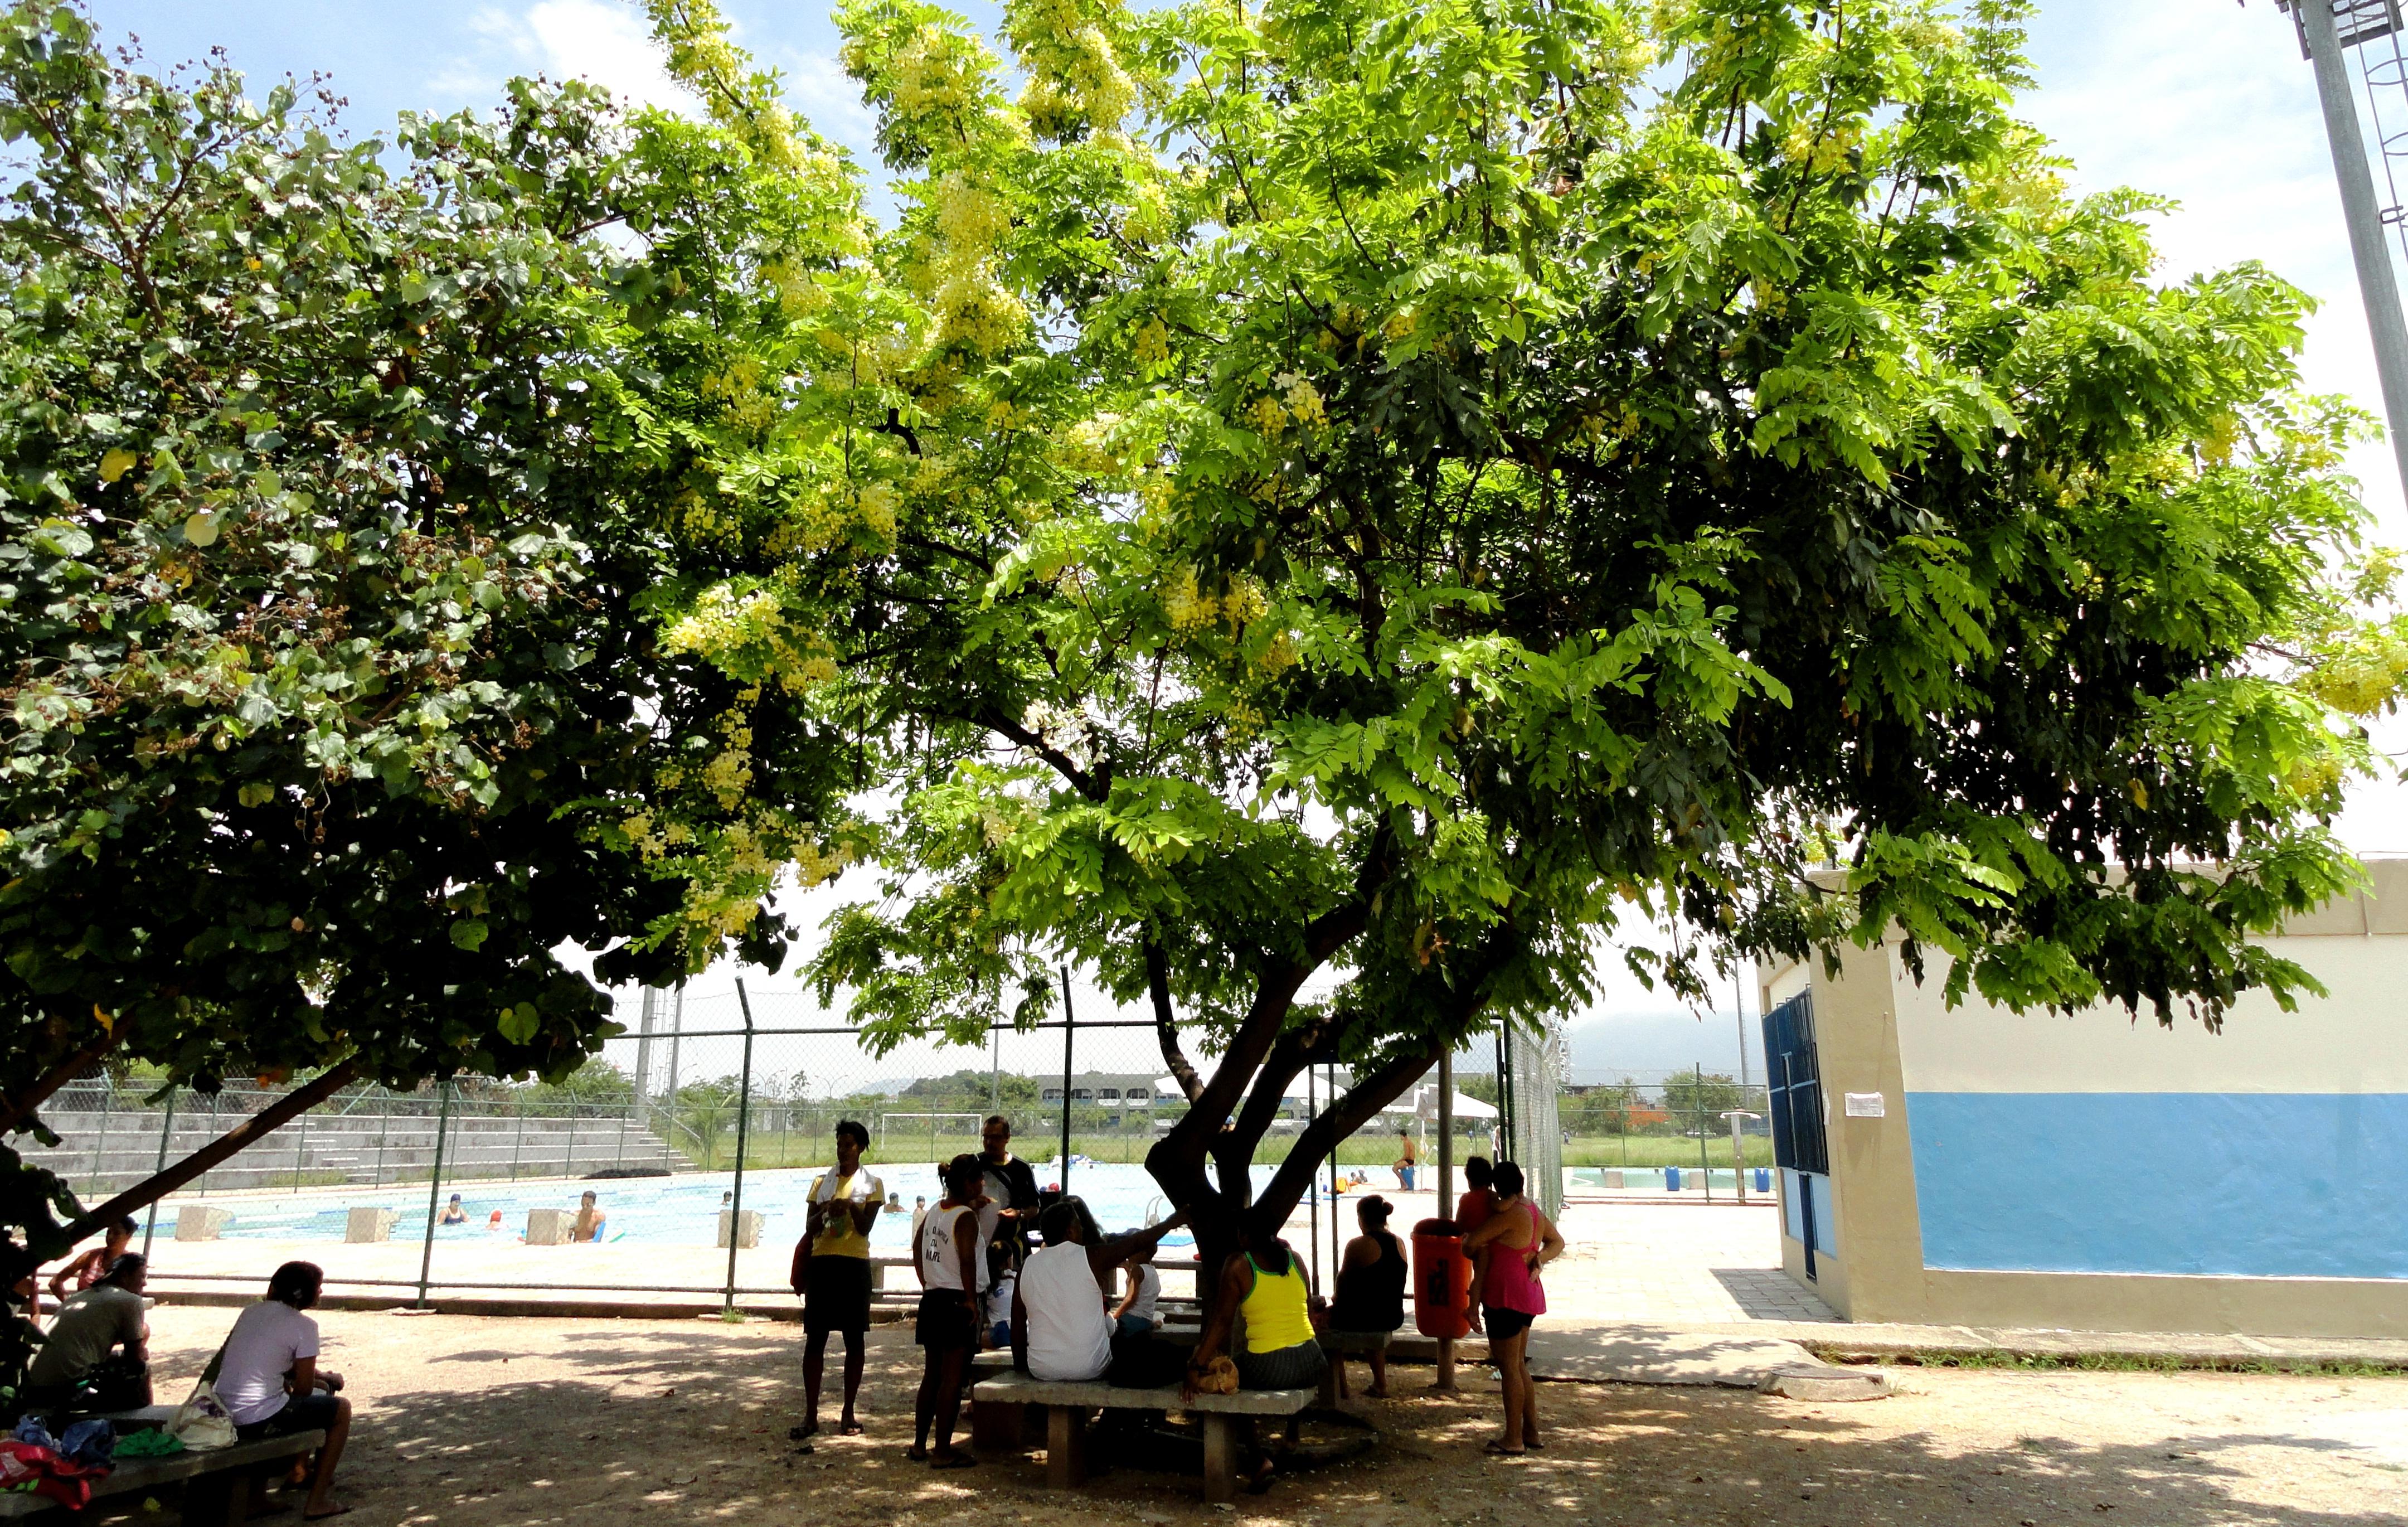 C:\Users\Jose Fantini\Pictures\A Mare\Arvores e outras\Ipes e outras\Árvores - Ipê (22-09-09)\DSC01016 livreto.jpg